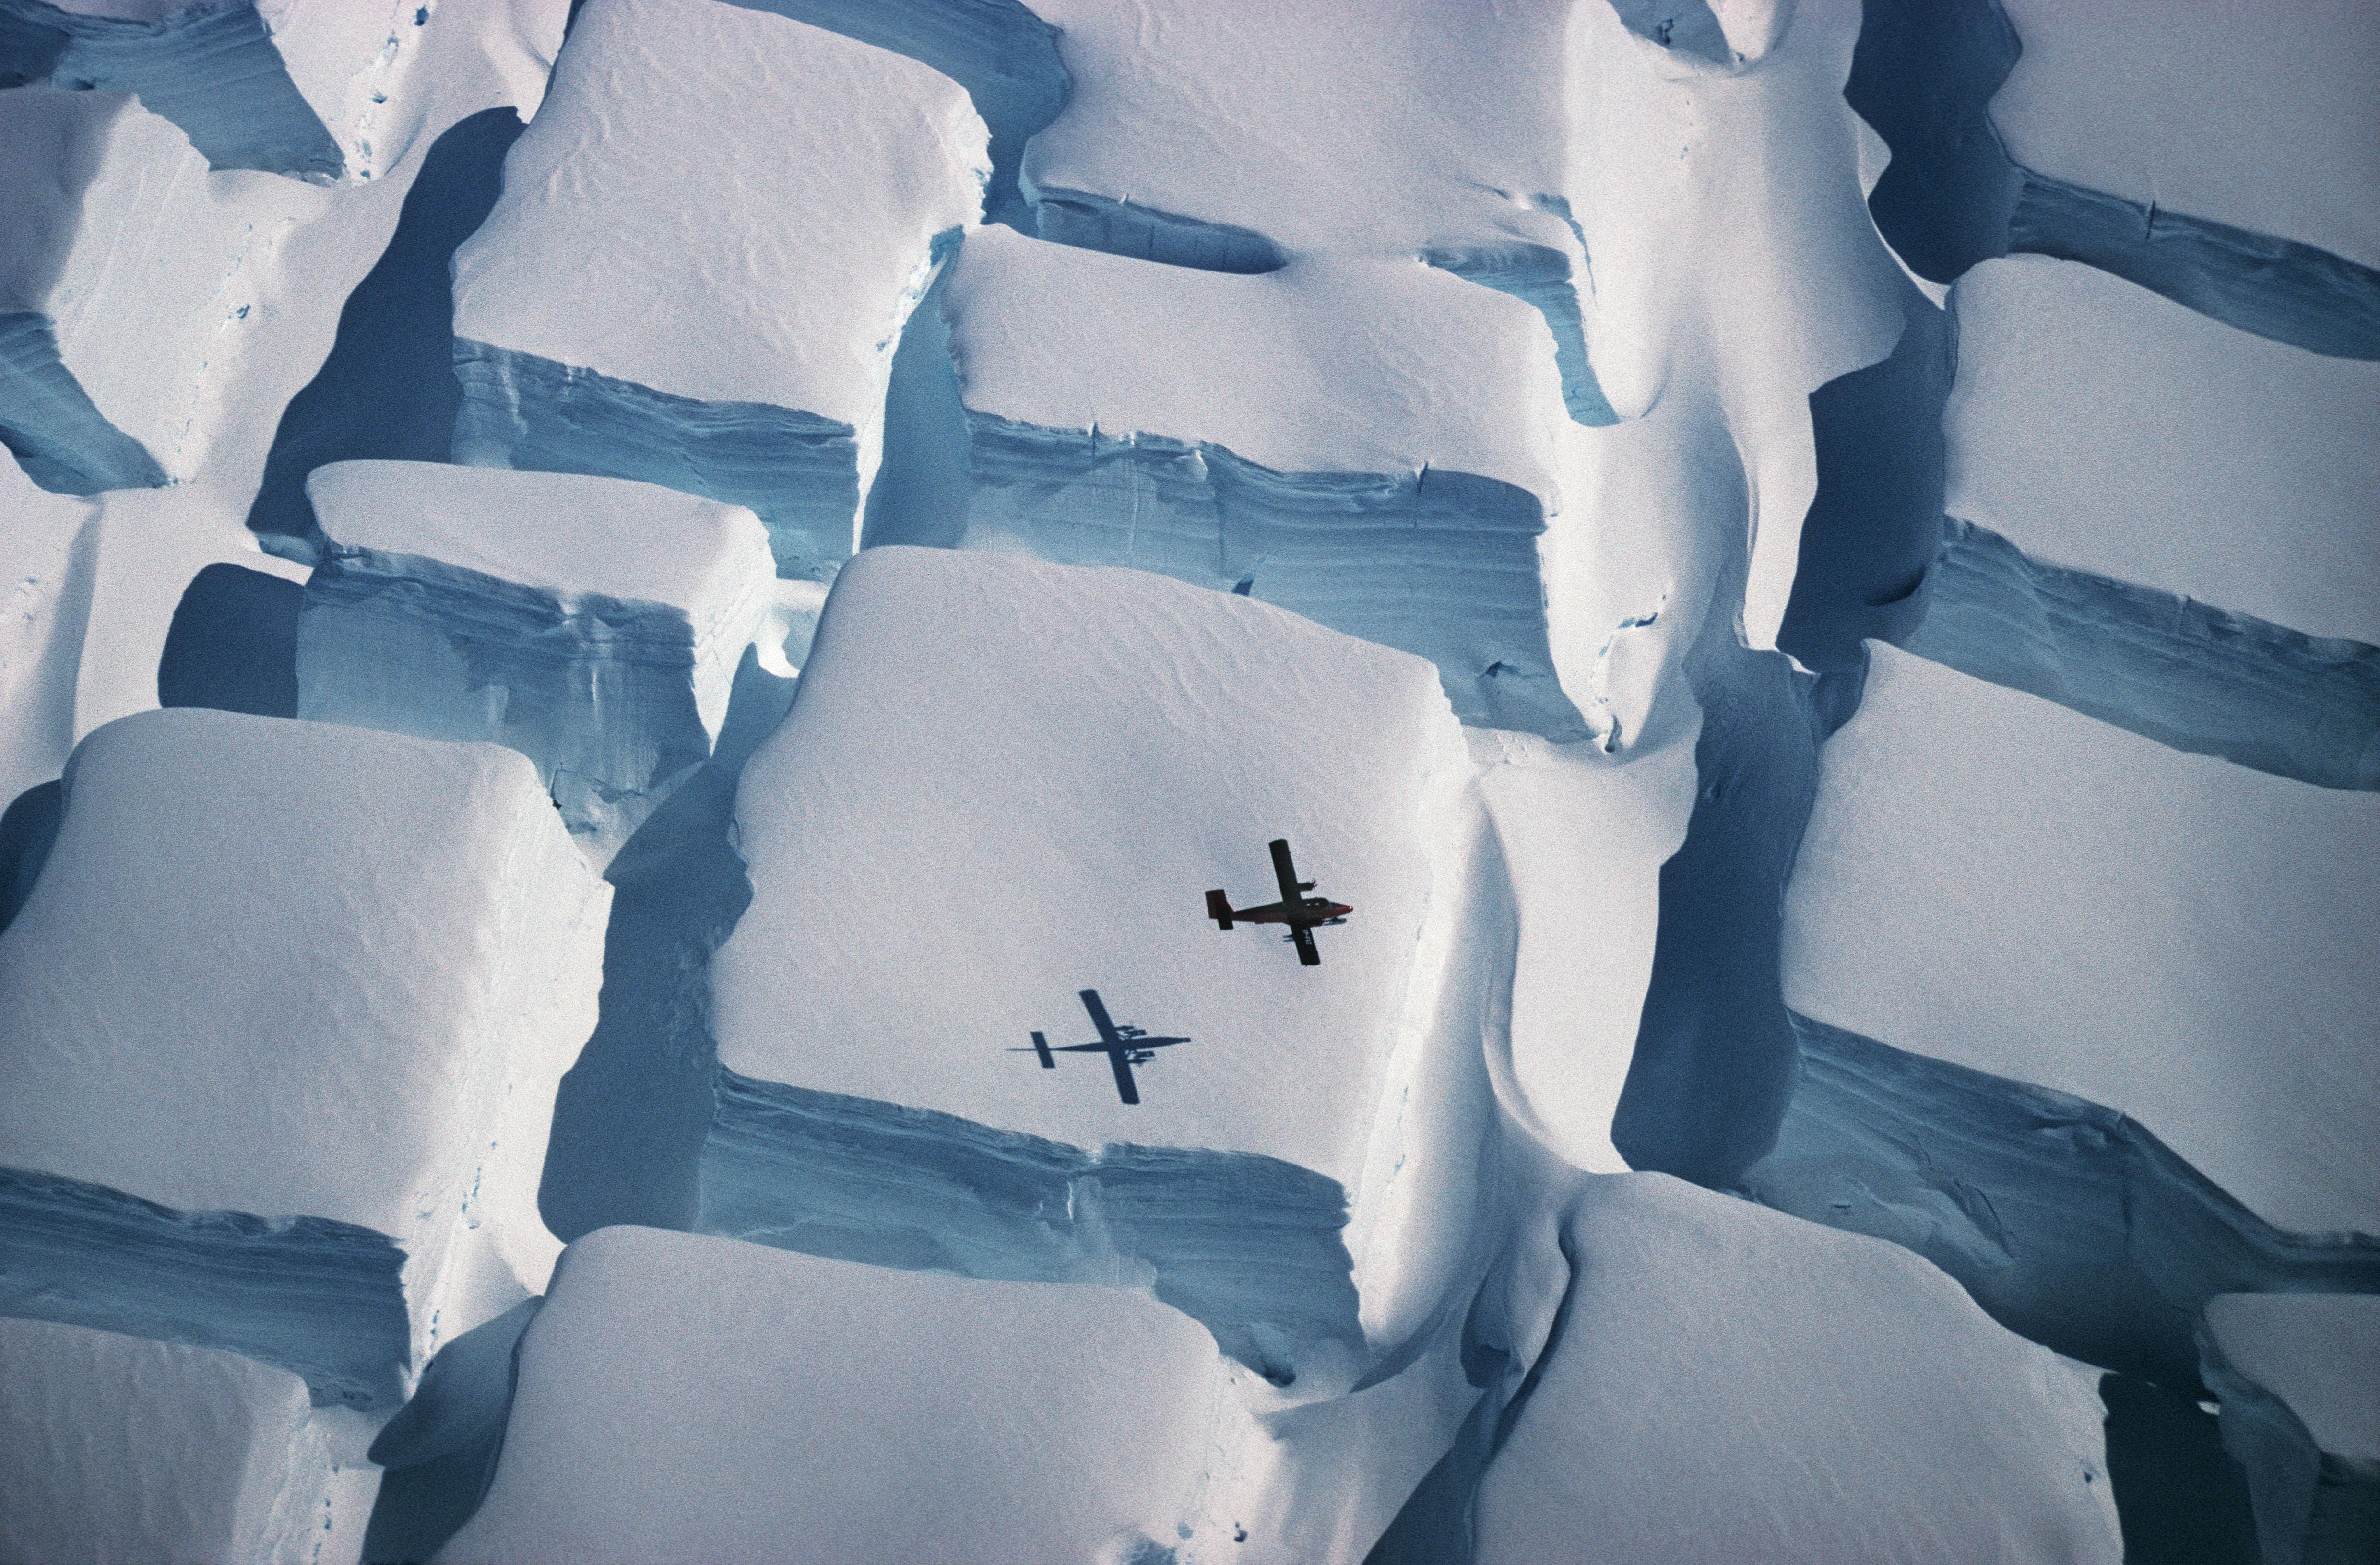 """Os """"cubos de gelo"""" da Antártida em foto clicada pelo ecologista Peter Convey (Foto: Peter Convey/Divulgação)"""